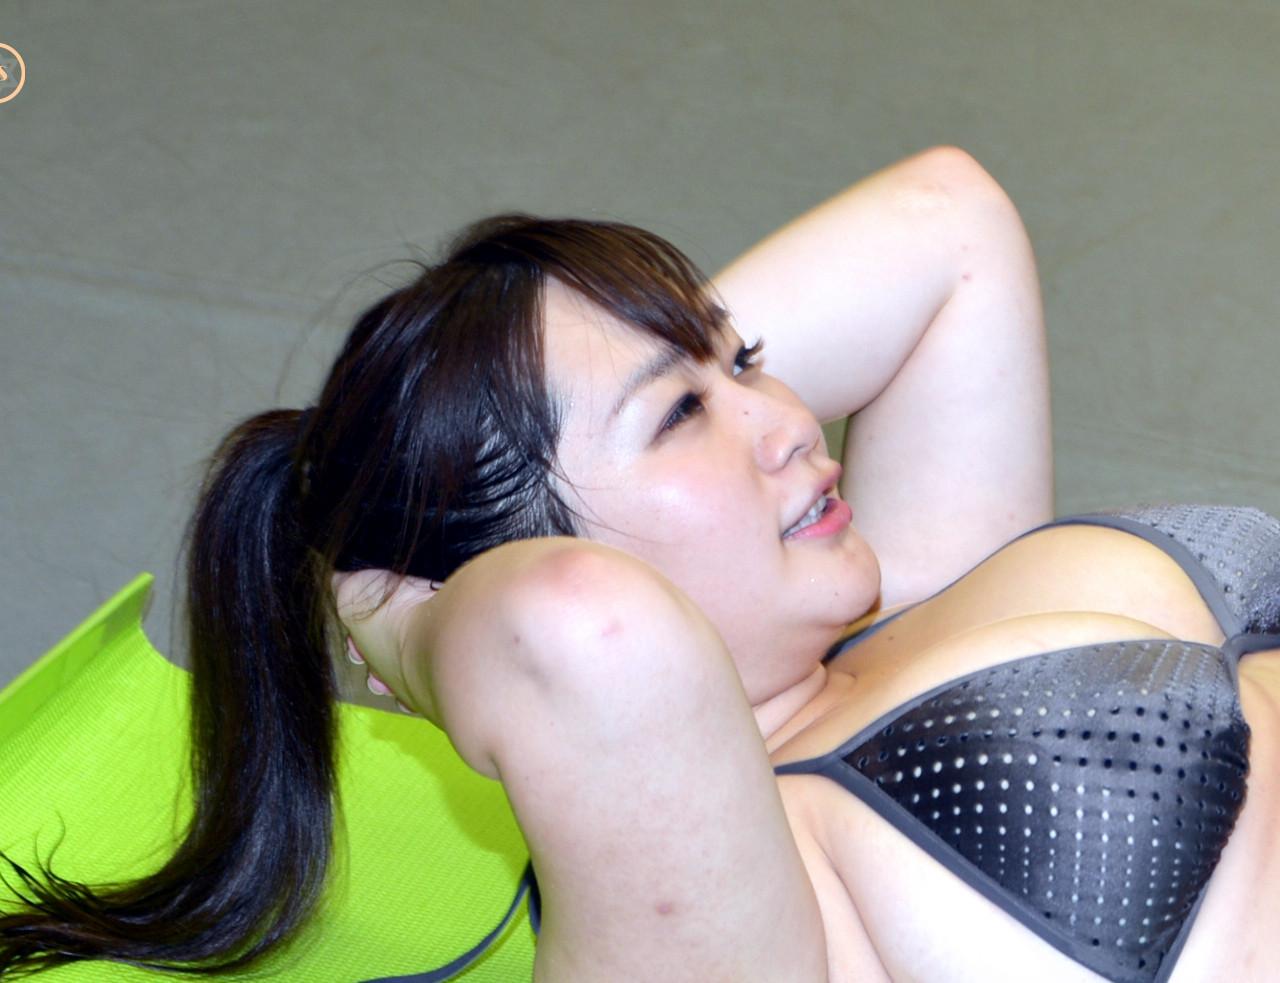 来栖あこ(爆乳Kカップグラドル)の腹筋(筋トレ)きゅうすた_HImecity (1)